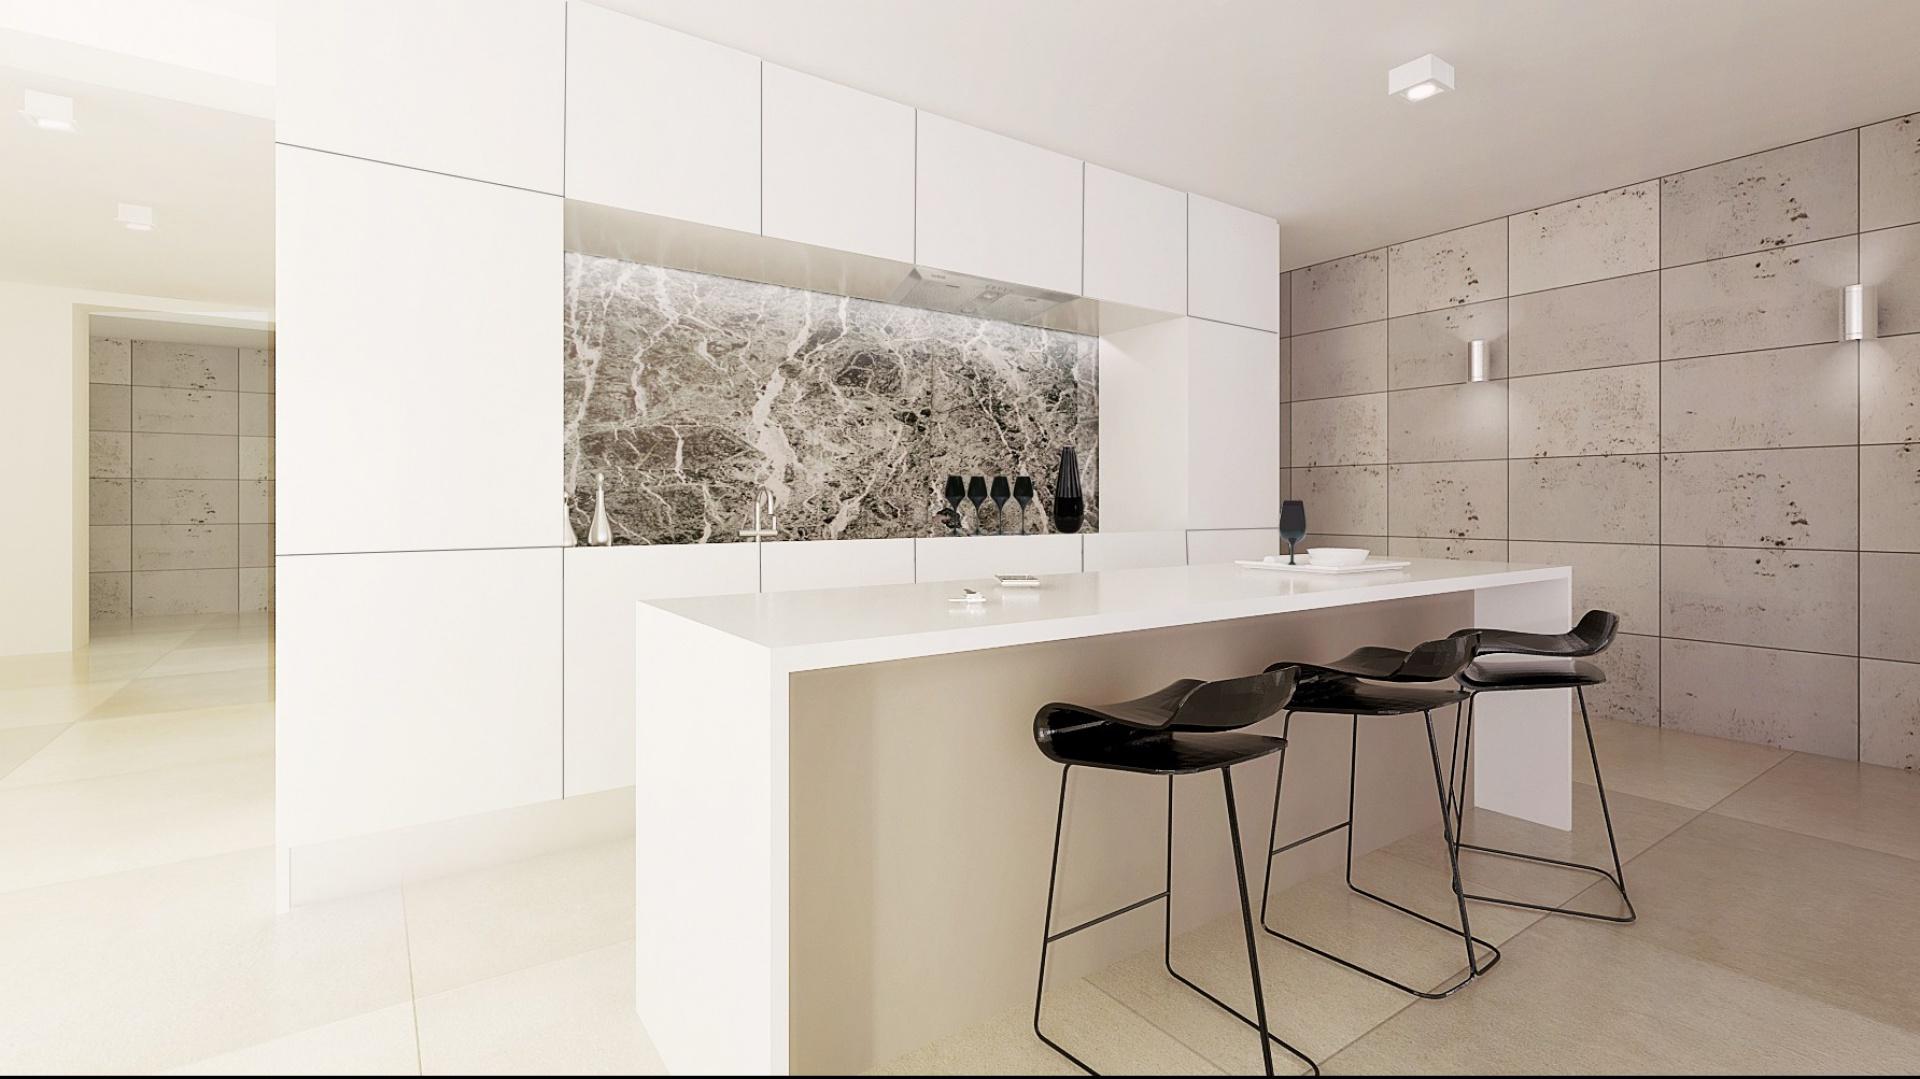 Dom jednorodzinny pod Gdańskiem zaprojektowany został w połączeniu nowoczesnej elegancji z minimalizmem. Jednocześnie miały to być wnętrza ciepłe, z zastosowaniem naturalnych materiałów takich jak kamień i drewno. Projekt: Beata Albrecht, Ajot Pracownia Projektowa. Fot. Archiconnect.pl